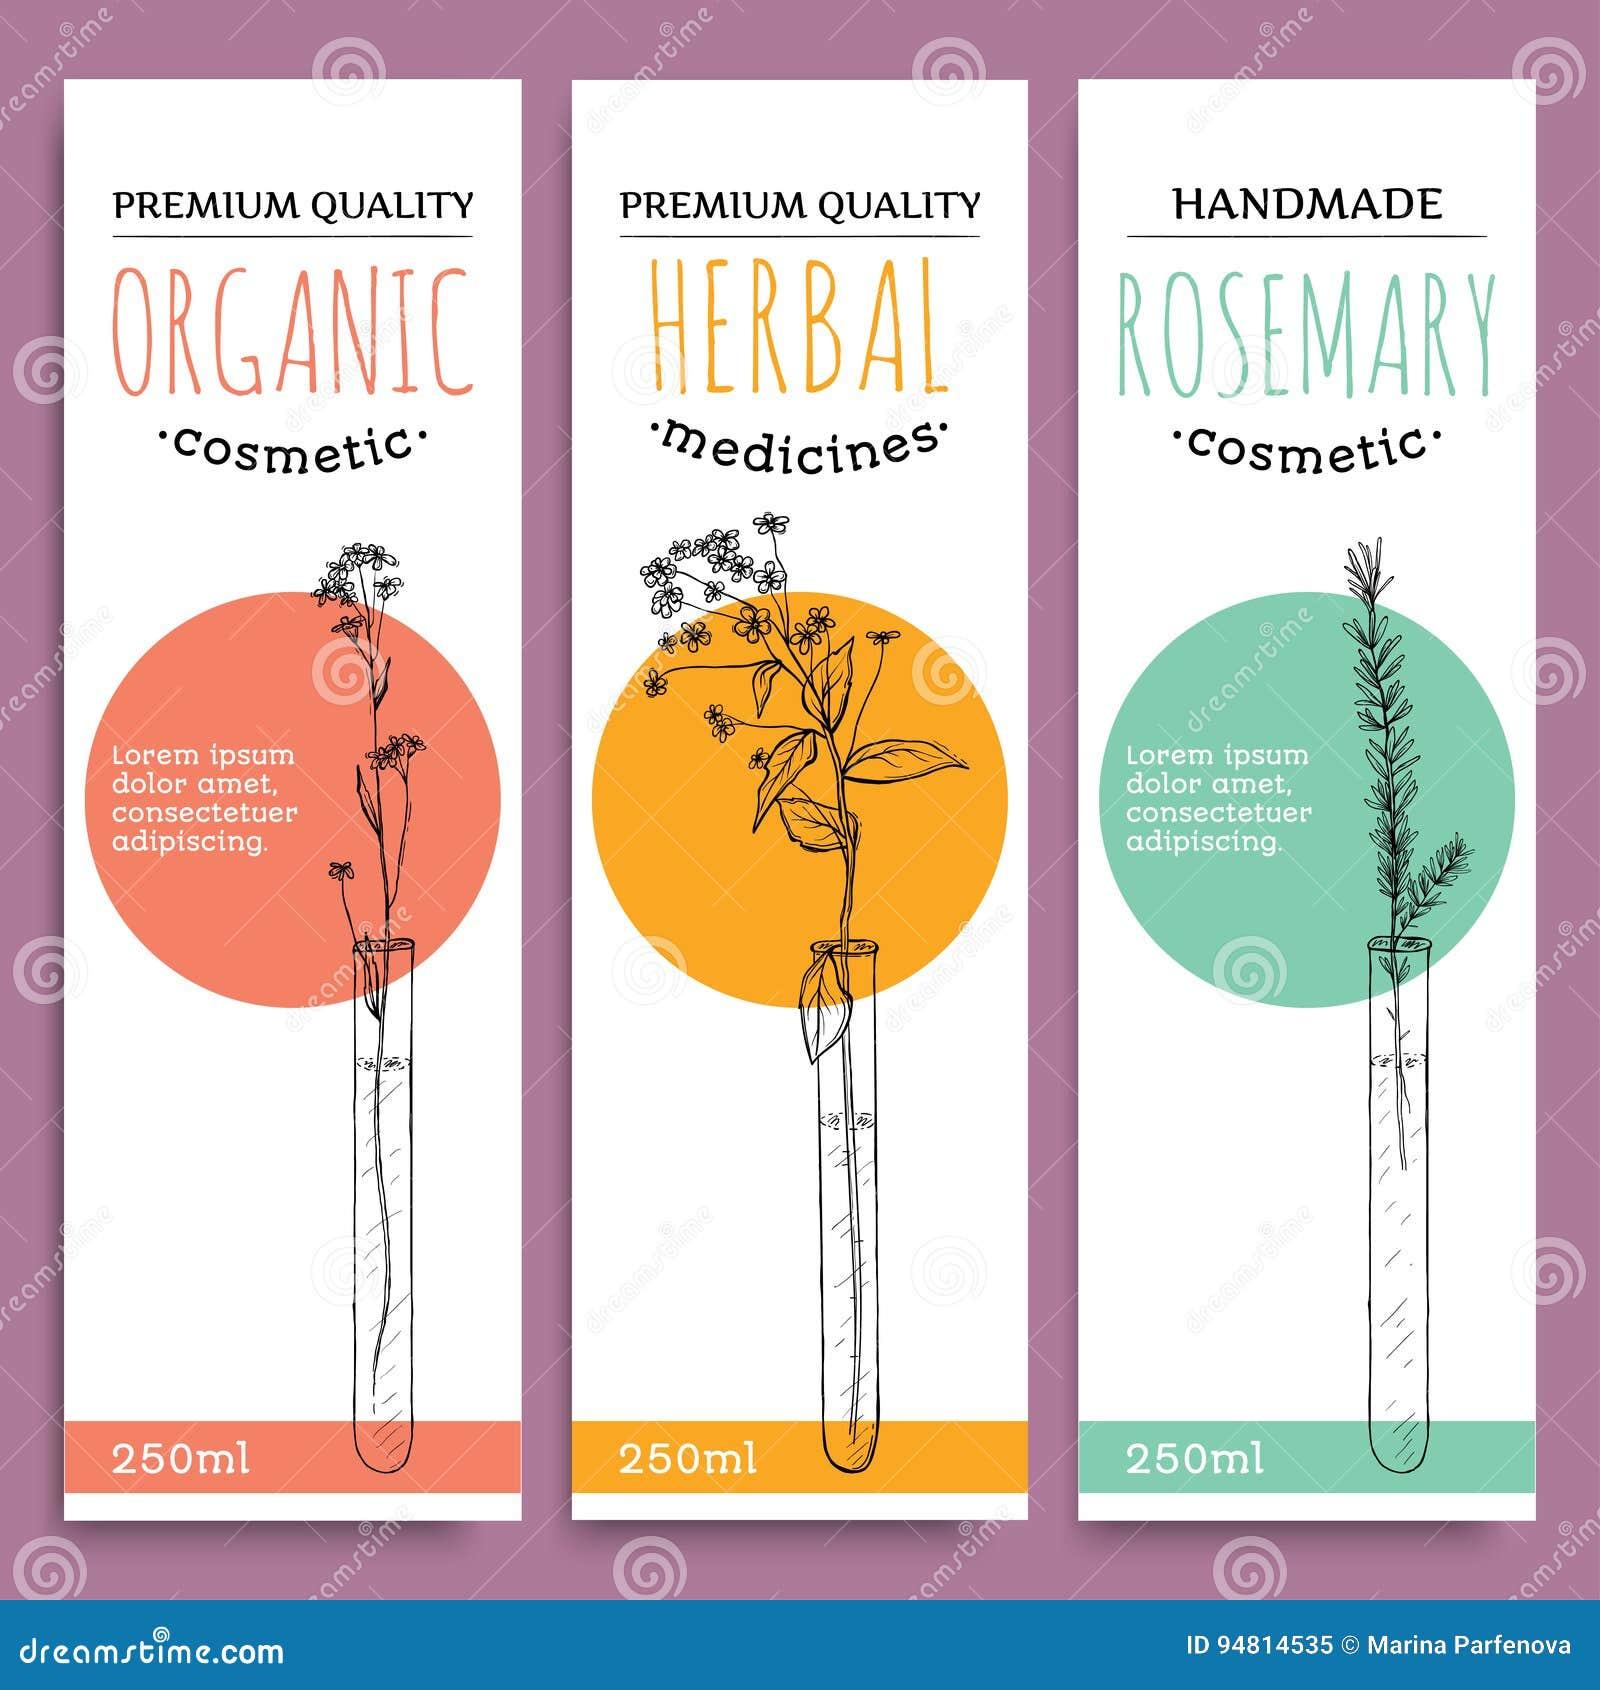 Kreśli ziołowych pionowo sztandary z organicznie ziele rozmarynową kosztownością dla zdrowie ludzkie wektoru ilustraci